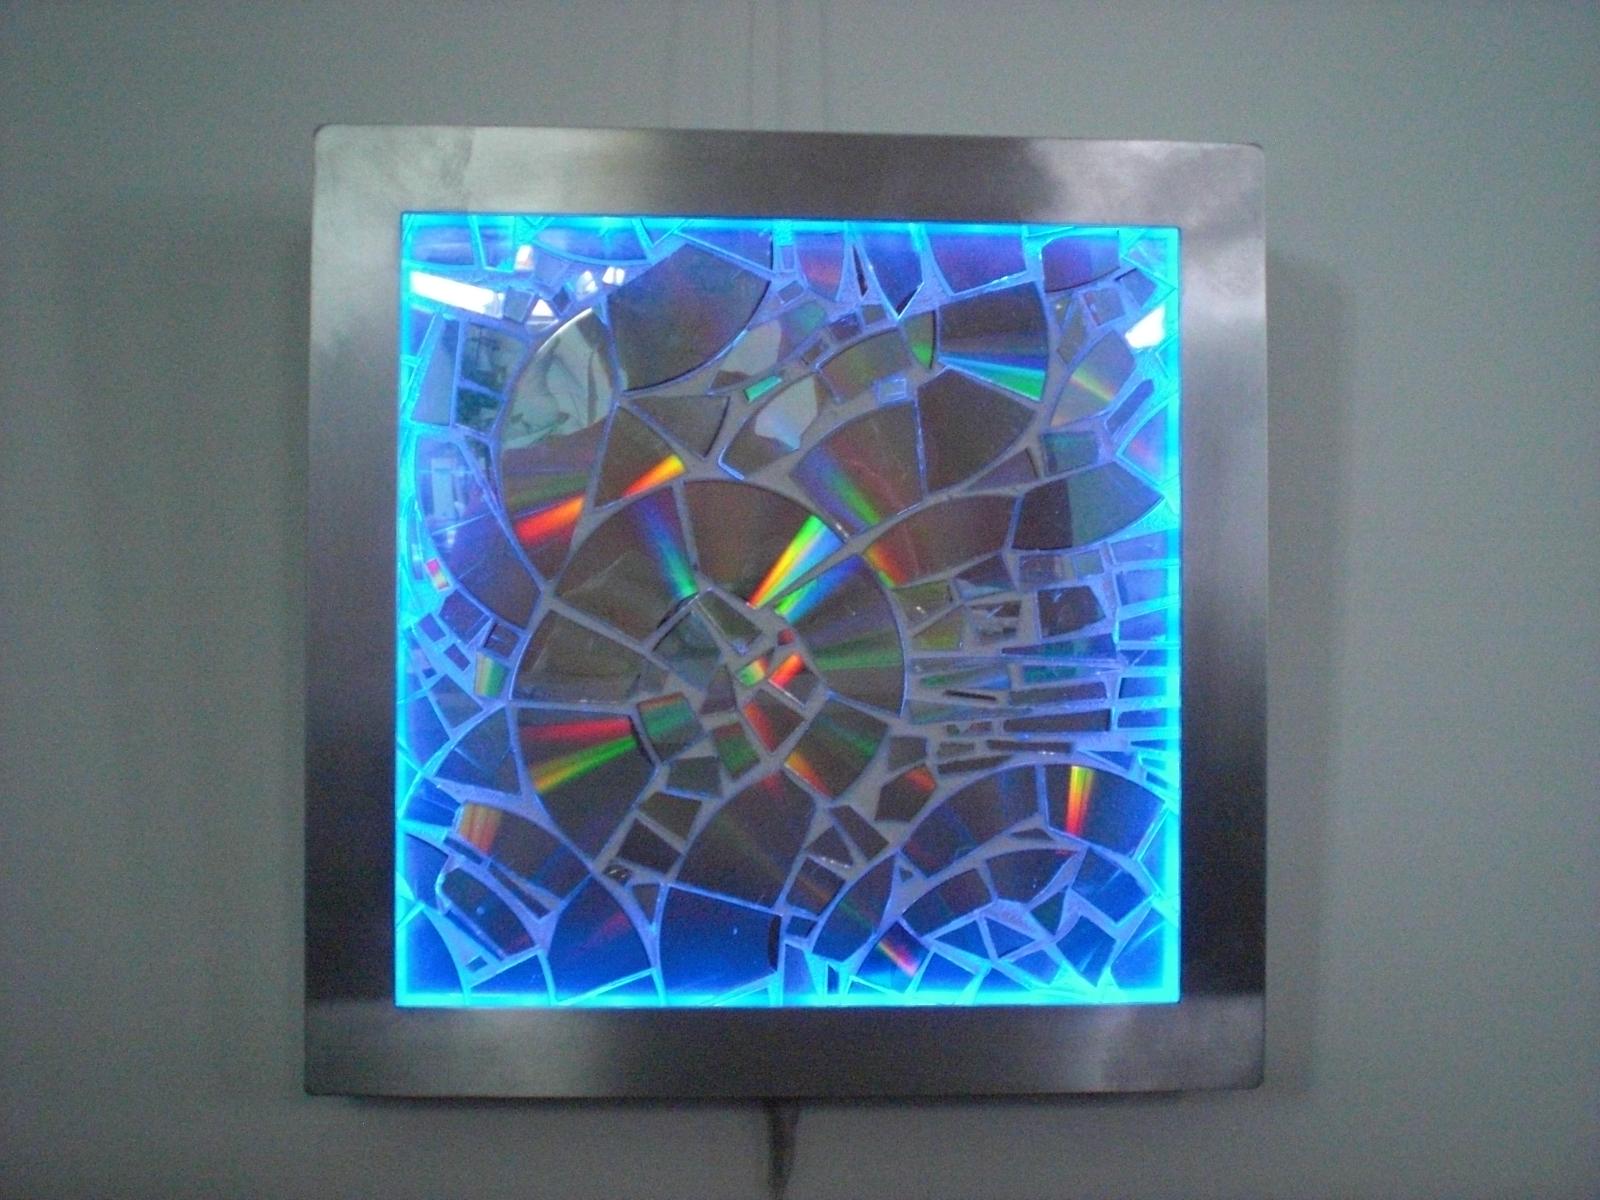 Speikern_23-04-2011_042 Verwunderlich Bilder Mit Led Licht Dekorationen